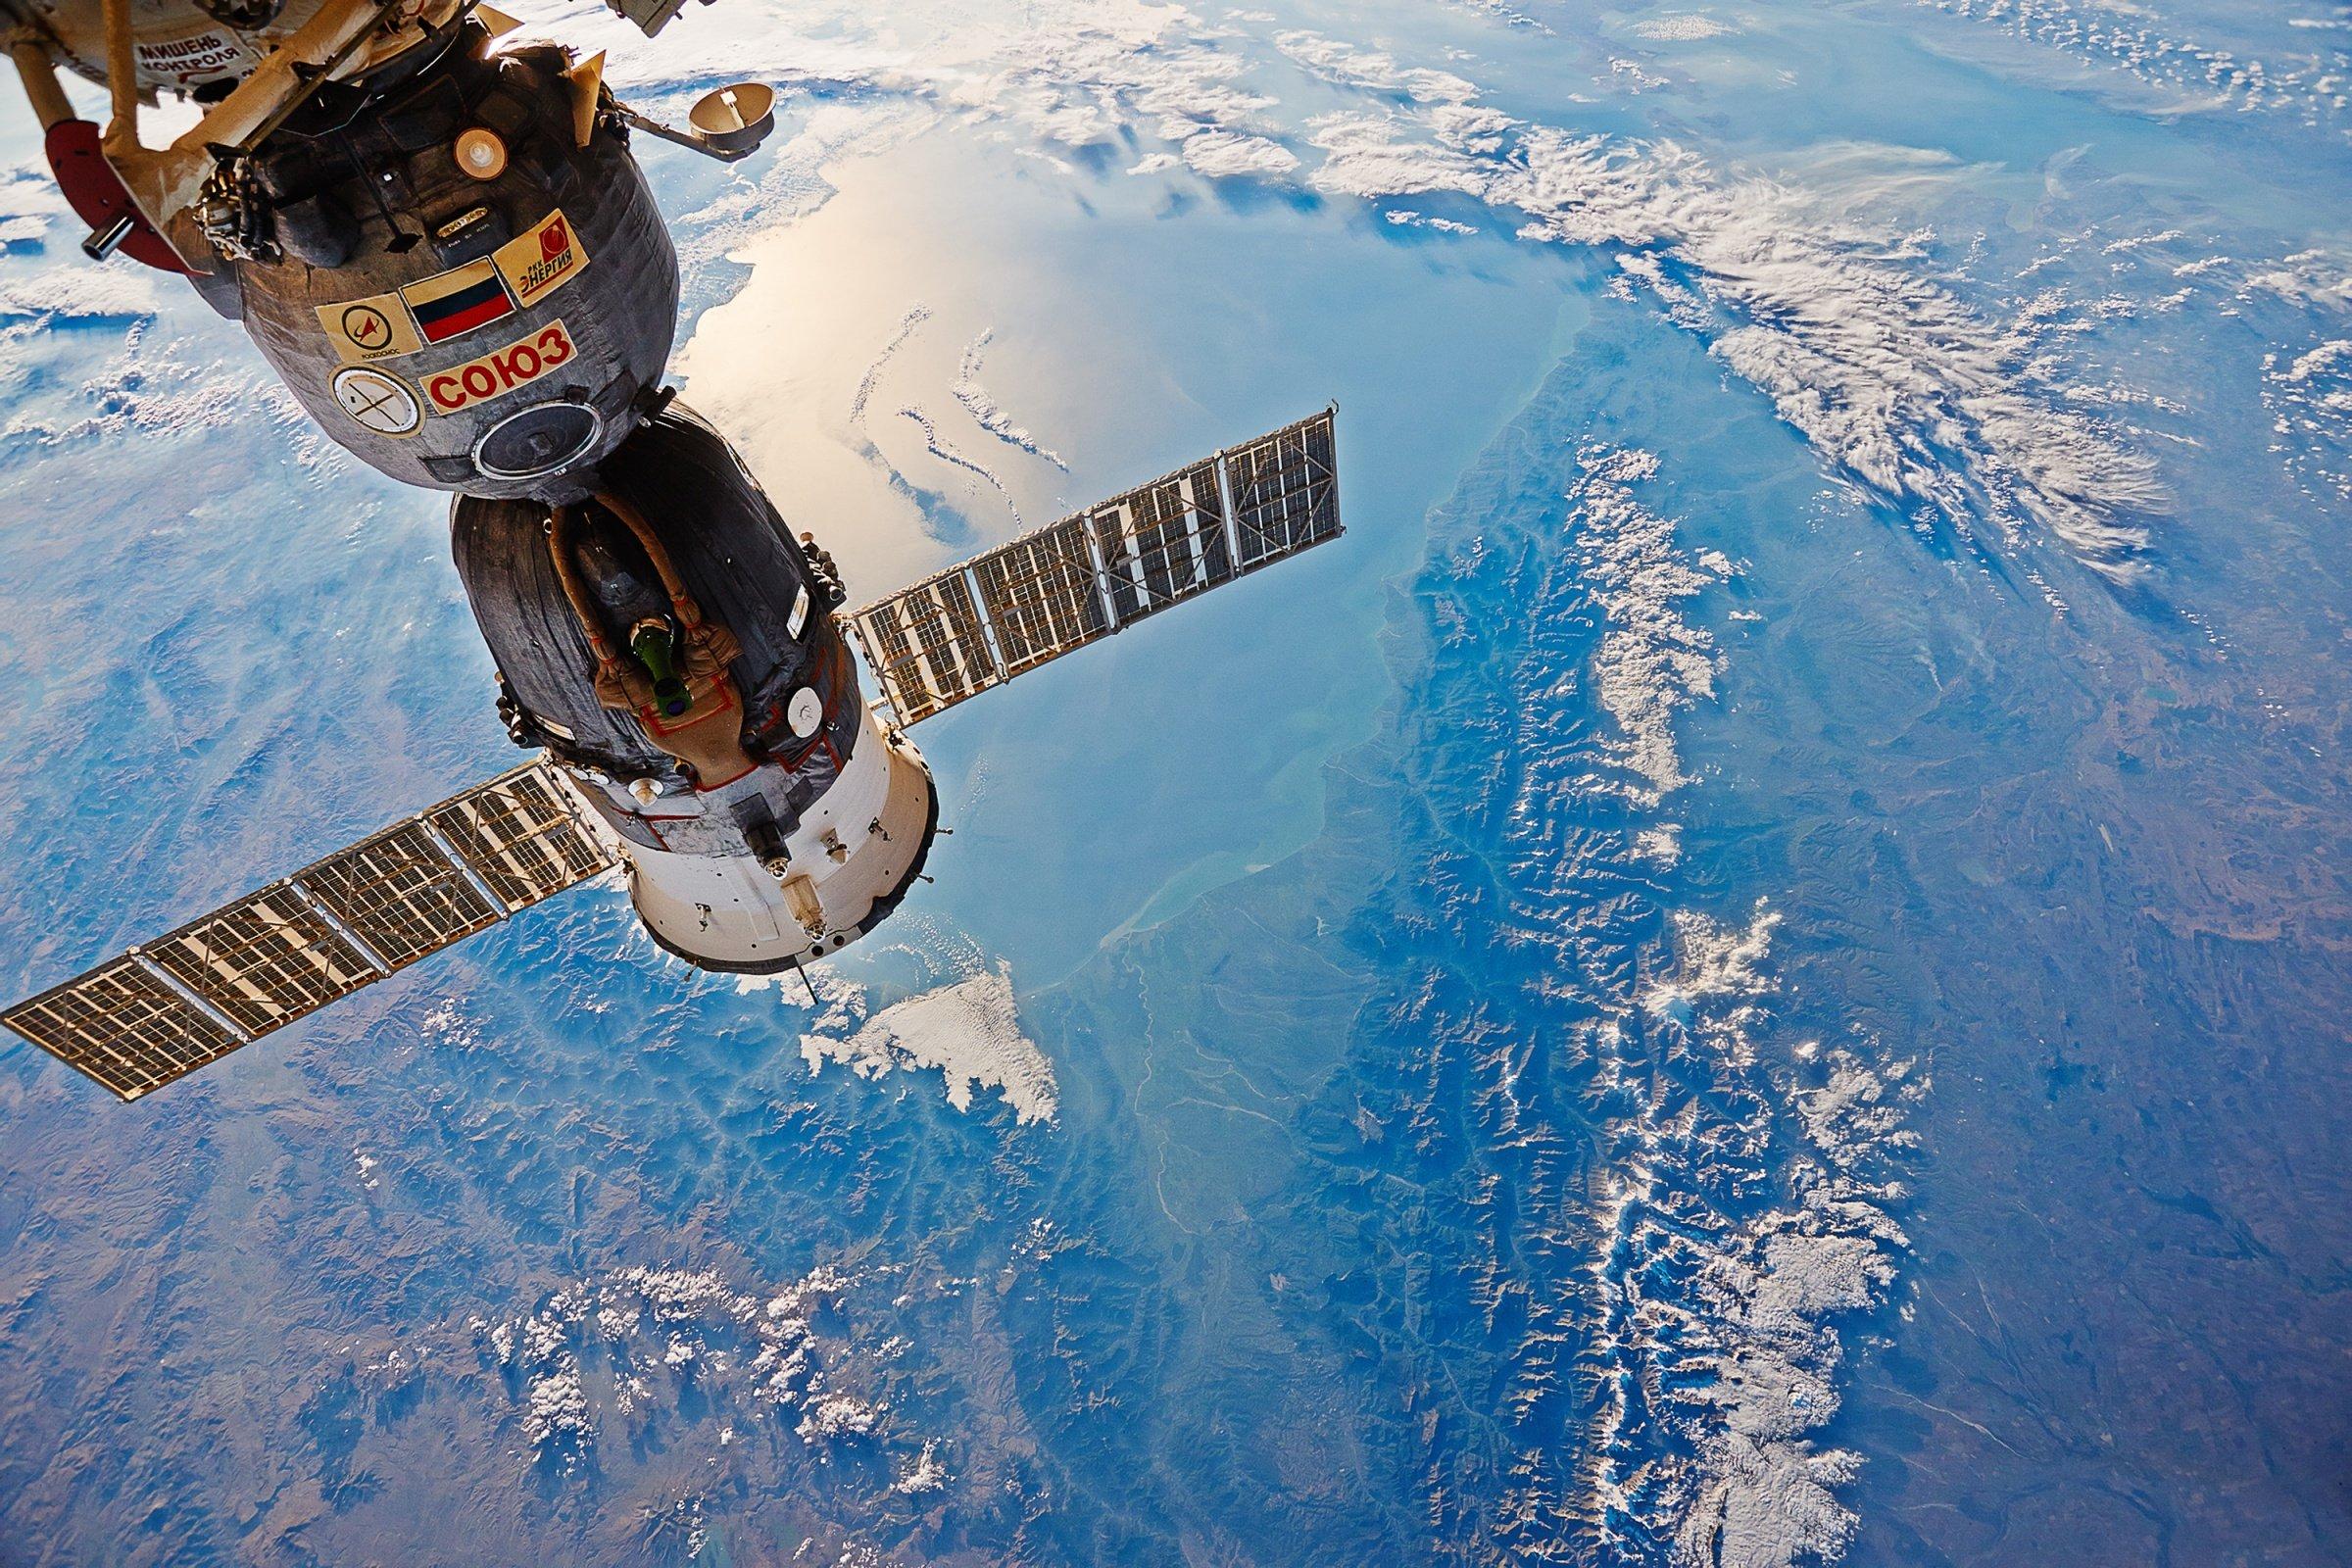 С 2019 года Союз будет доставлять на МКС сразу двух туристов